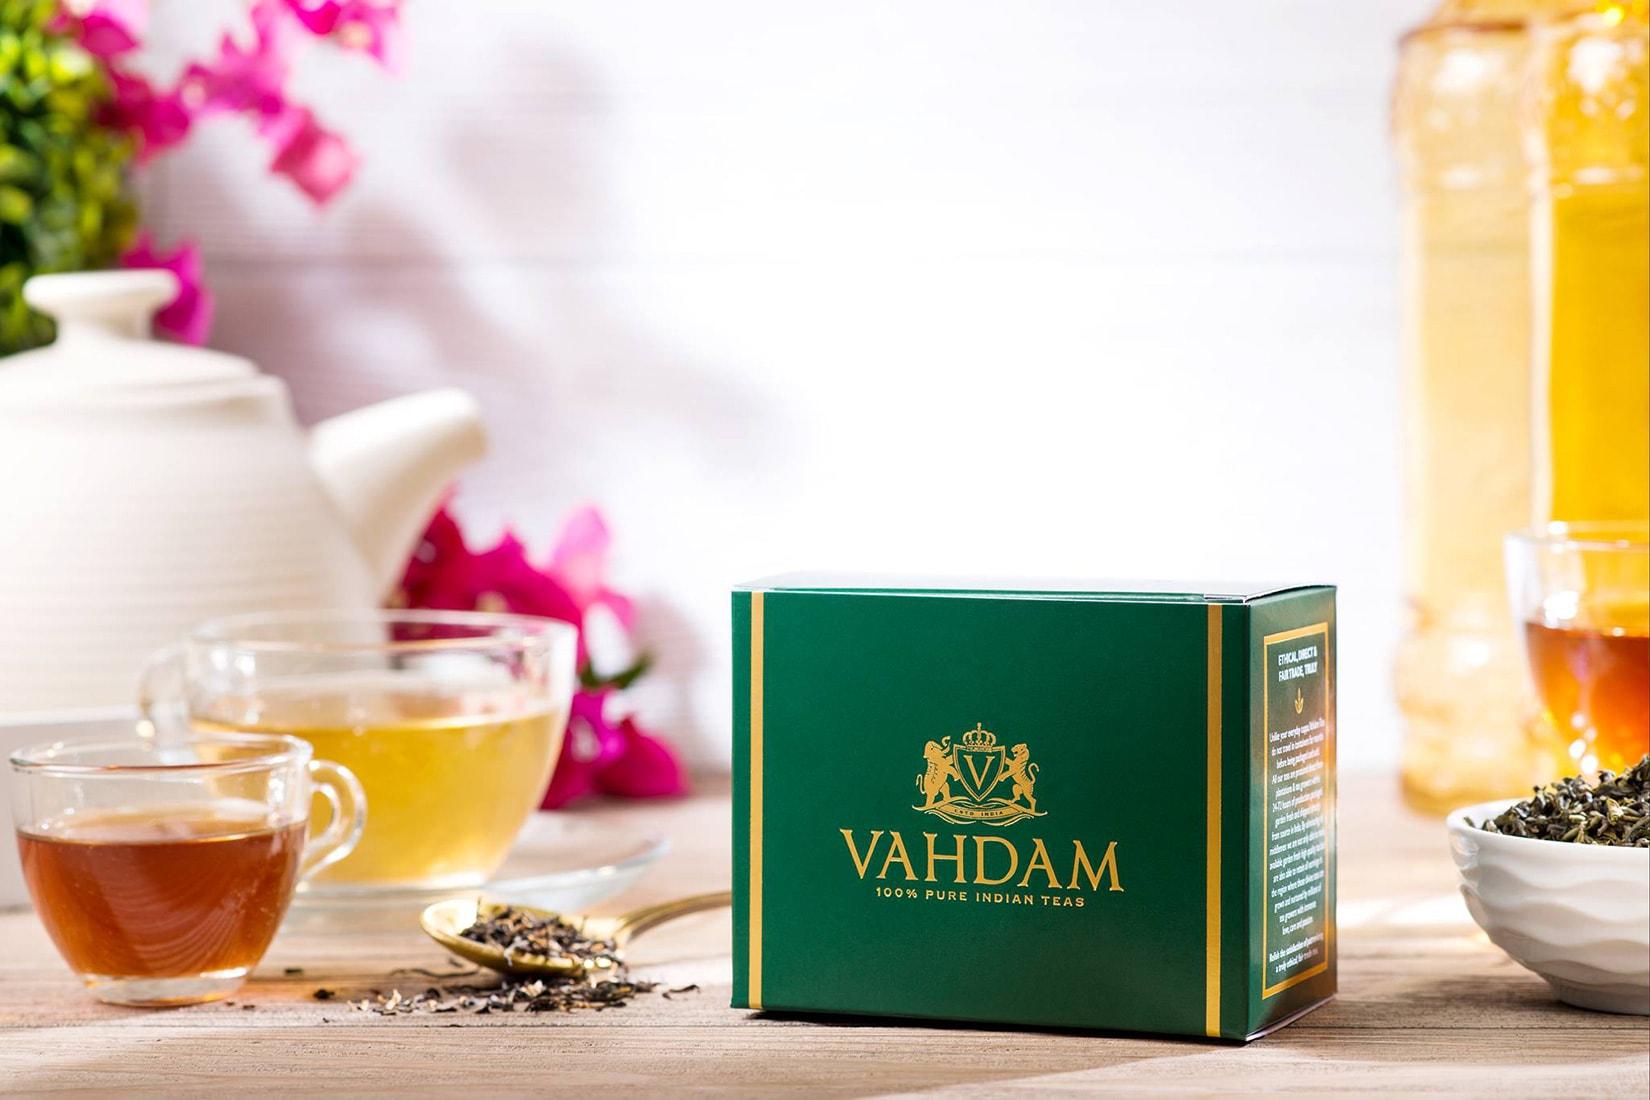 vahdam tea exclusive offer discount code coupon - Luxe Digital